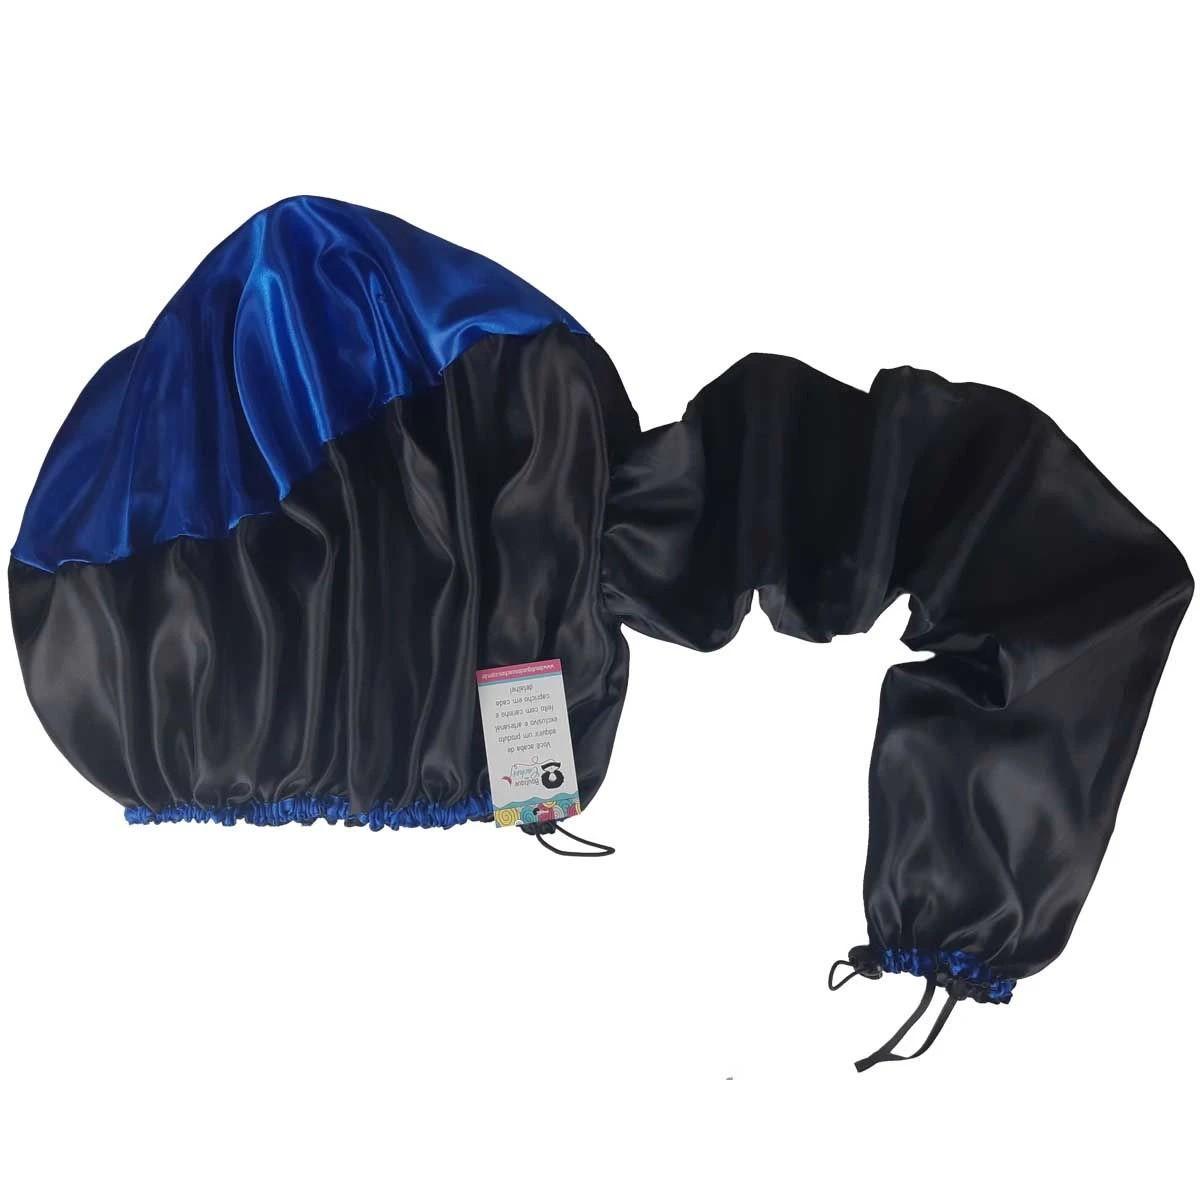 Difusora Touca de Cetim Exclusive - Anti Frizz - Preta com Azul